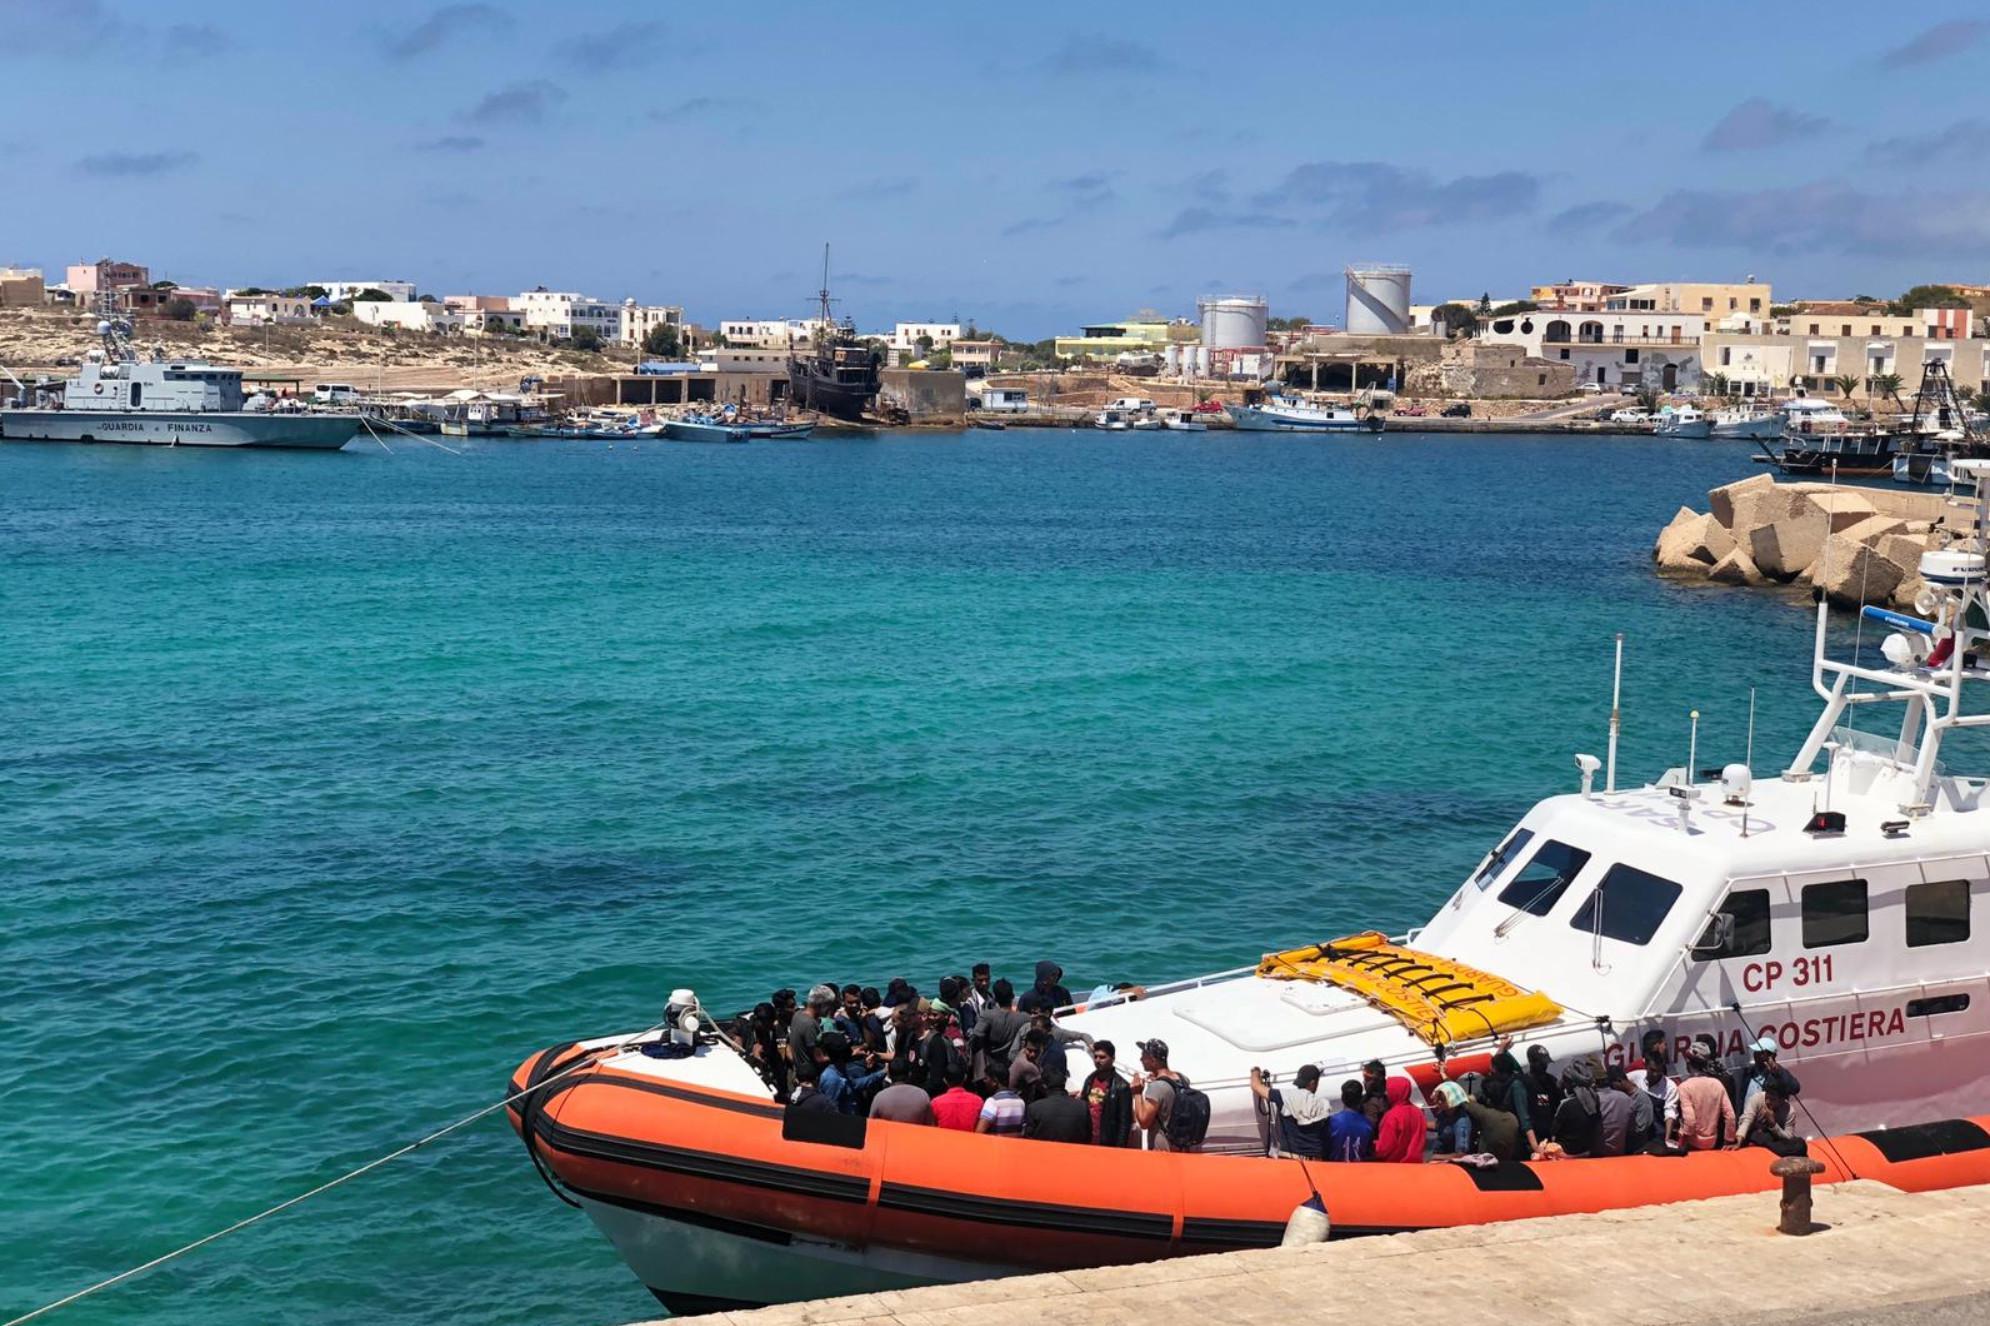 Migranti: sei sbarchi con 143 persone a Lampedusa